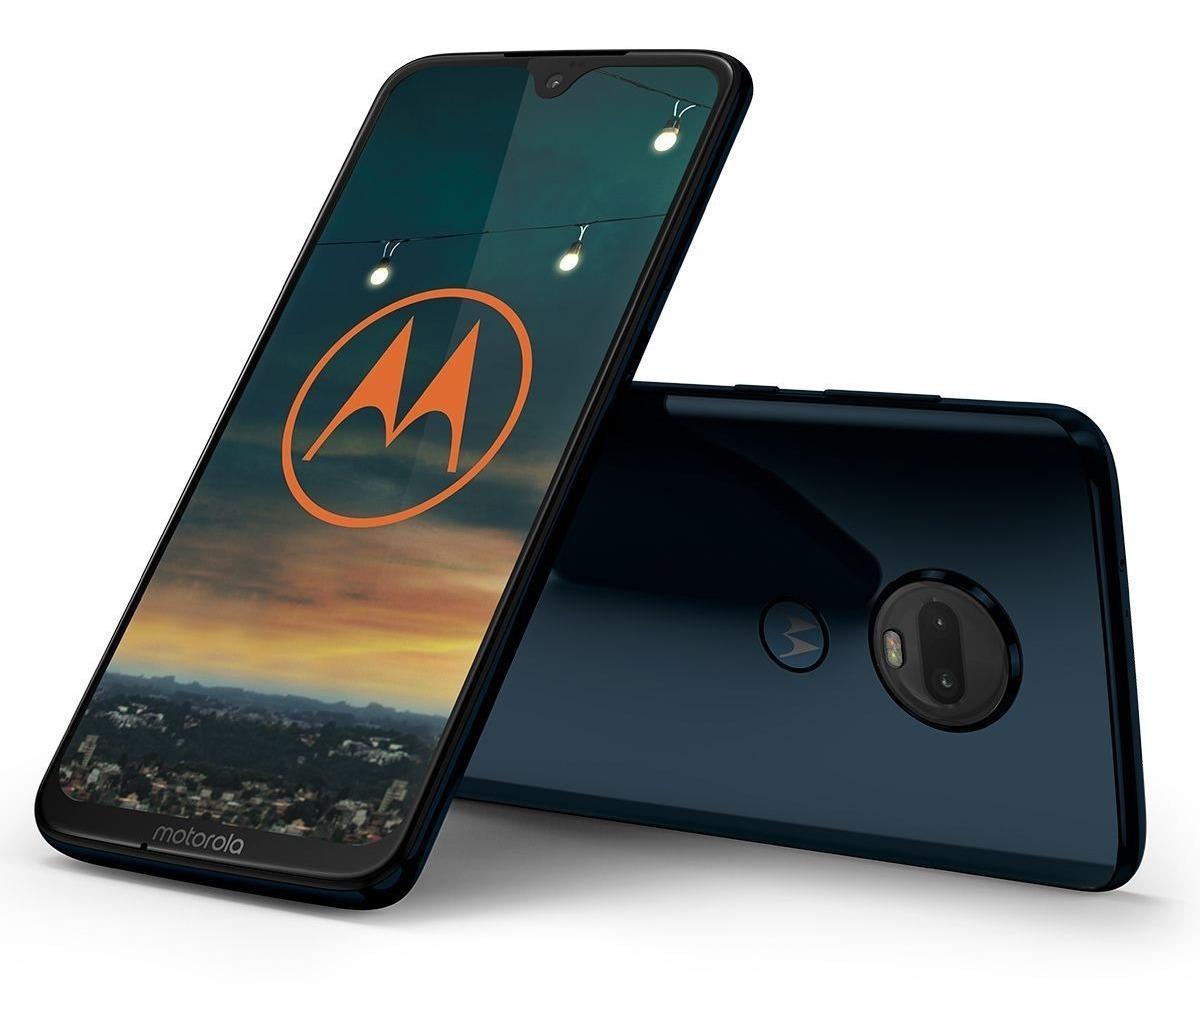 86bfbea413d Celular Libre Motorola Moto G7 Plus Indigo - $ 23.999,00 en Mercado ...